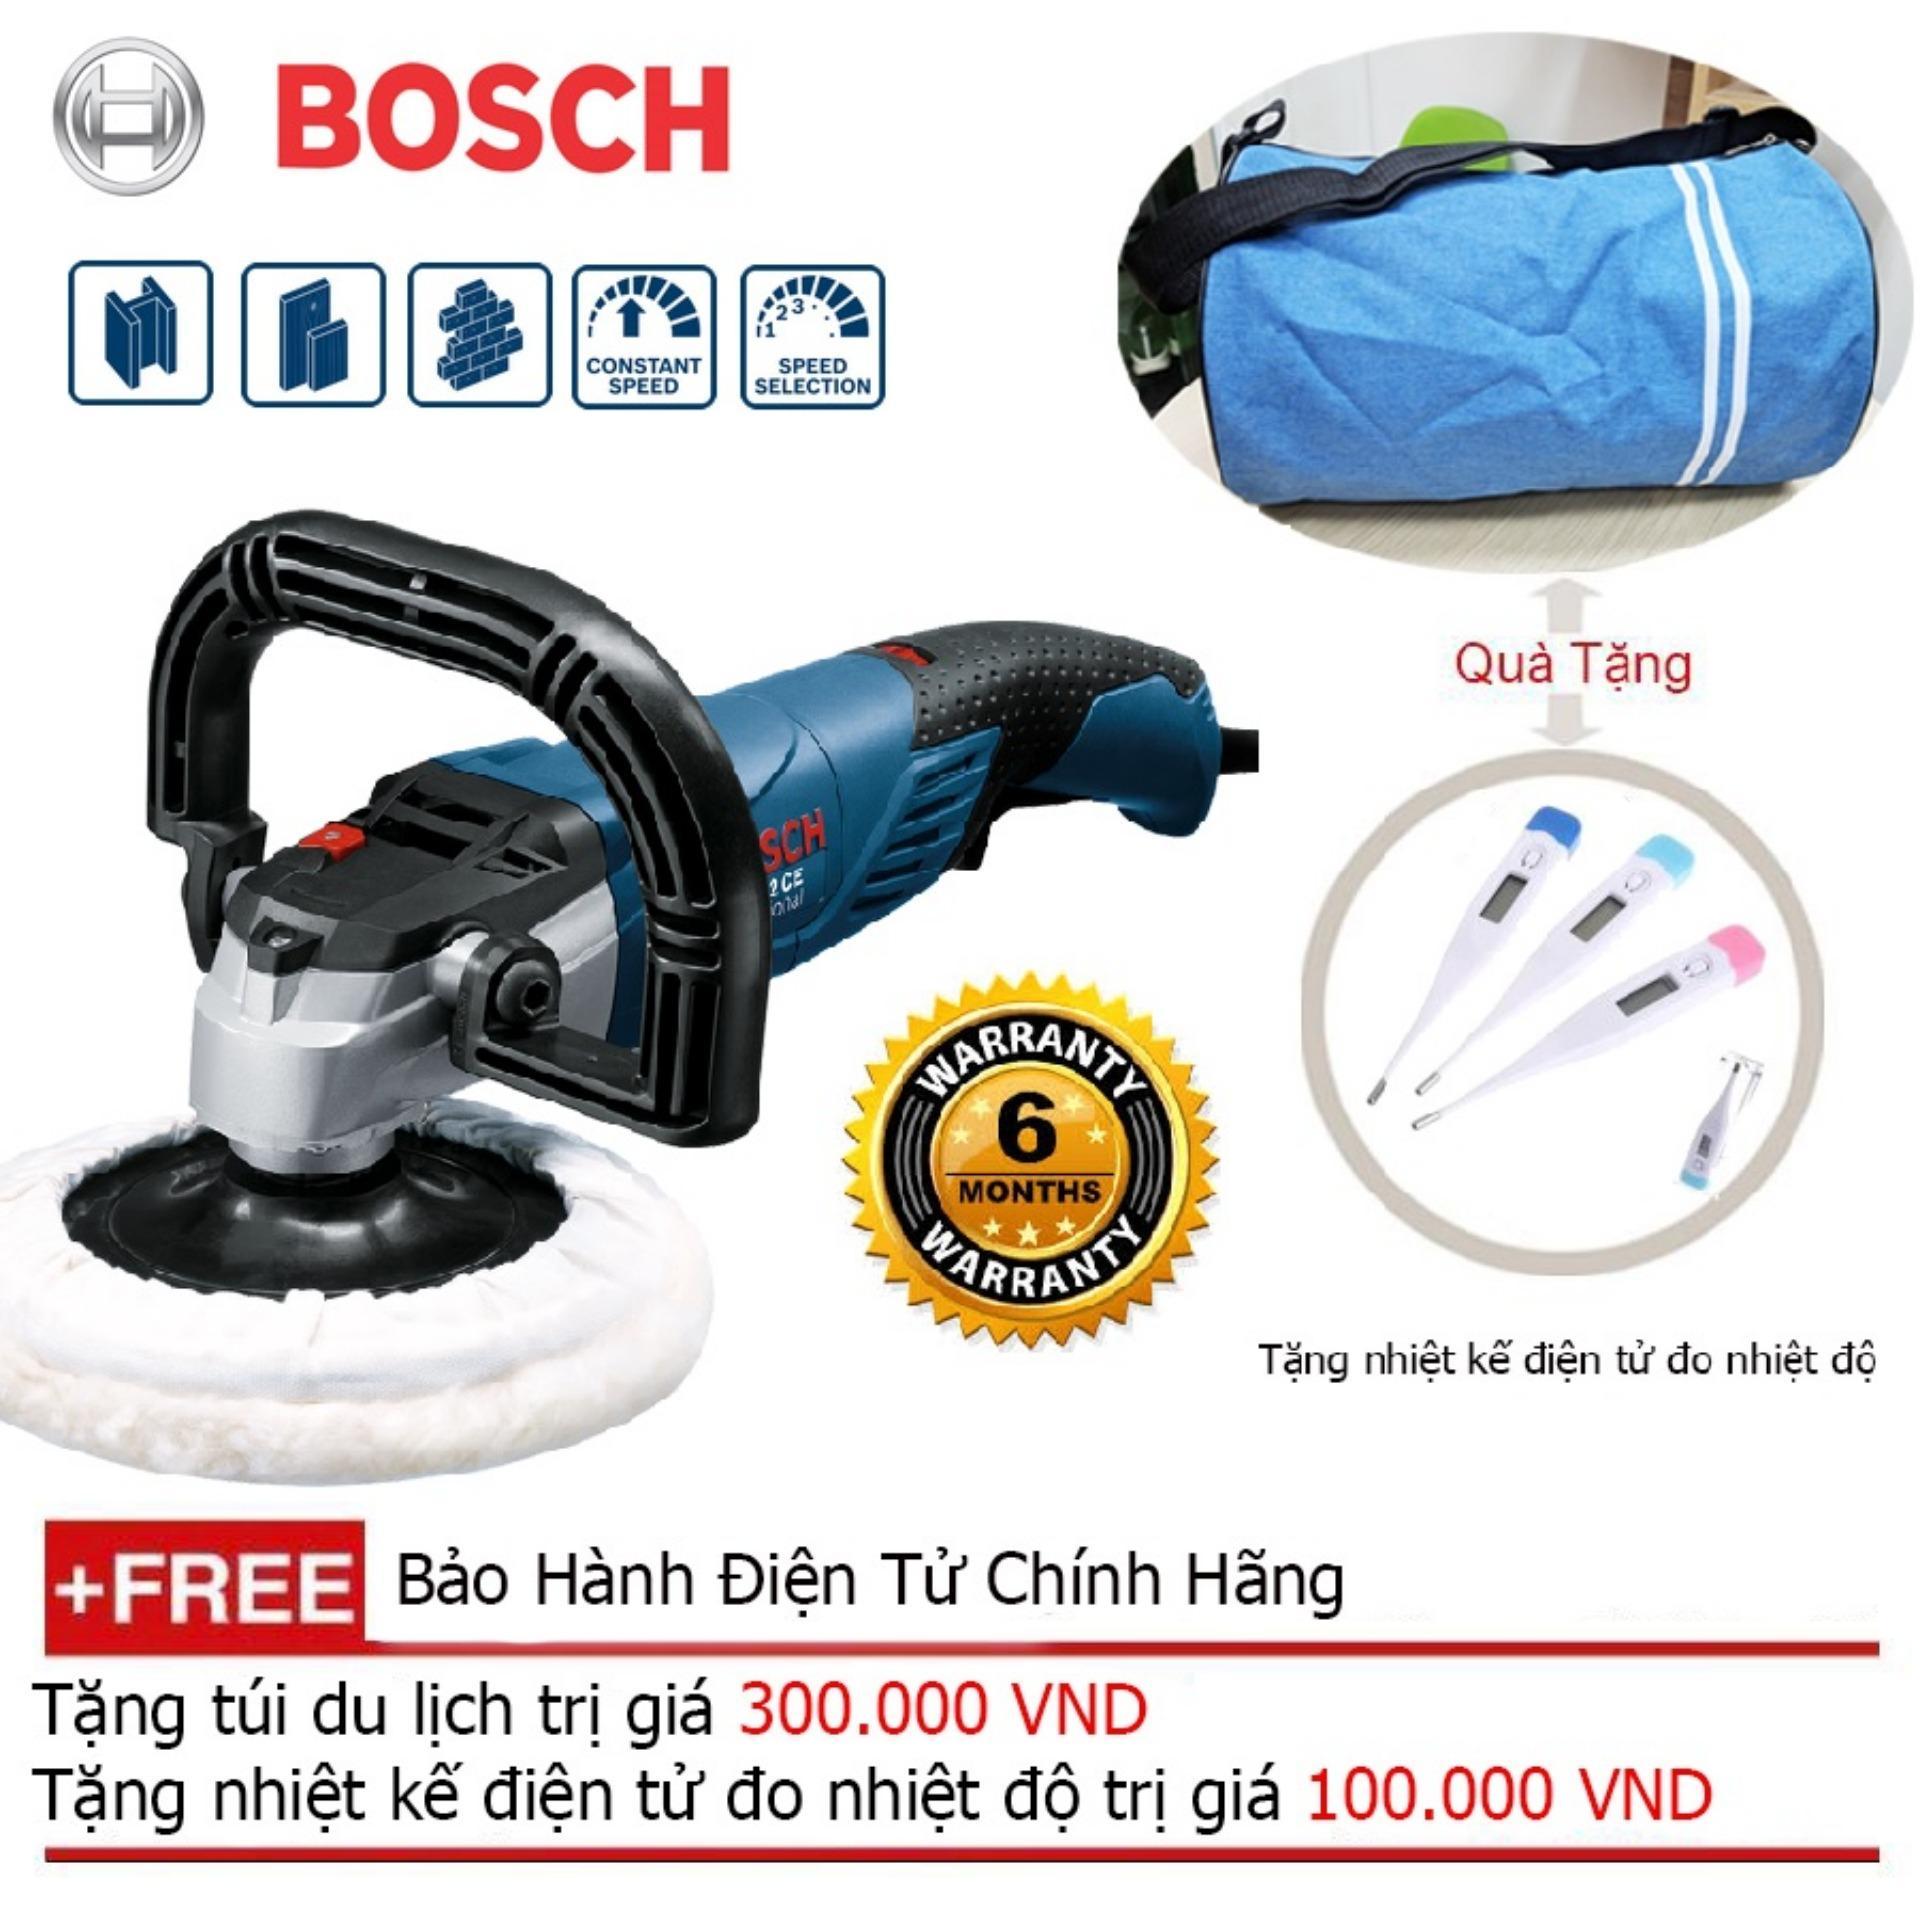 Máy đánh bóng Bosch GPO 12 CE Professional (Xanh) + Quà tặng balo du lịch